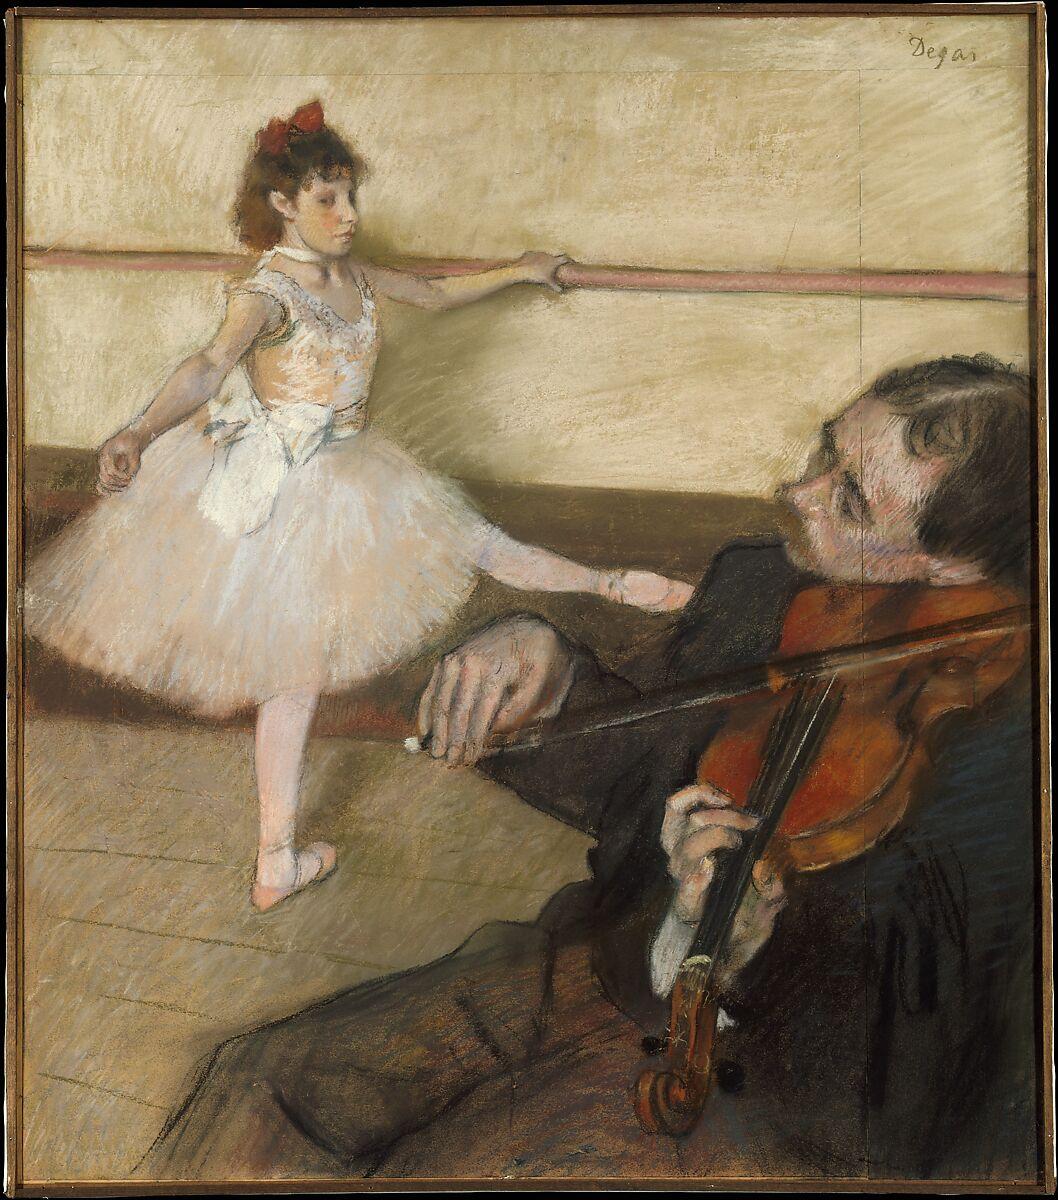 ダンスレッスン、エドガードガ(フランス、パリ1834〜1917パリ)、パステル紙、3枚の織り紙に黒いチョークを合わせたもの